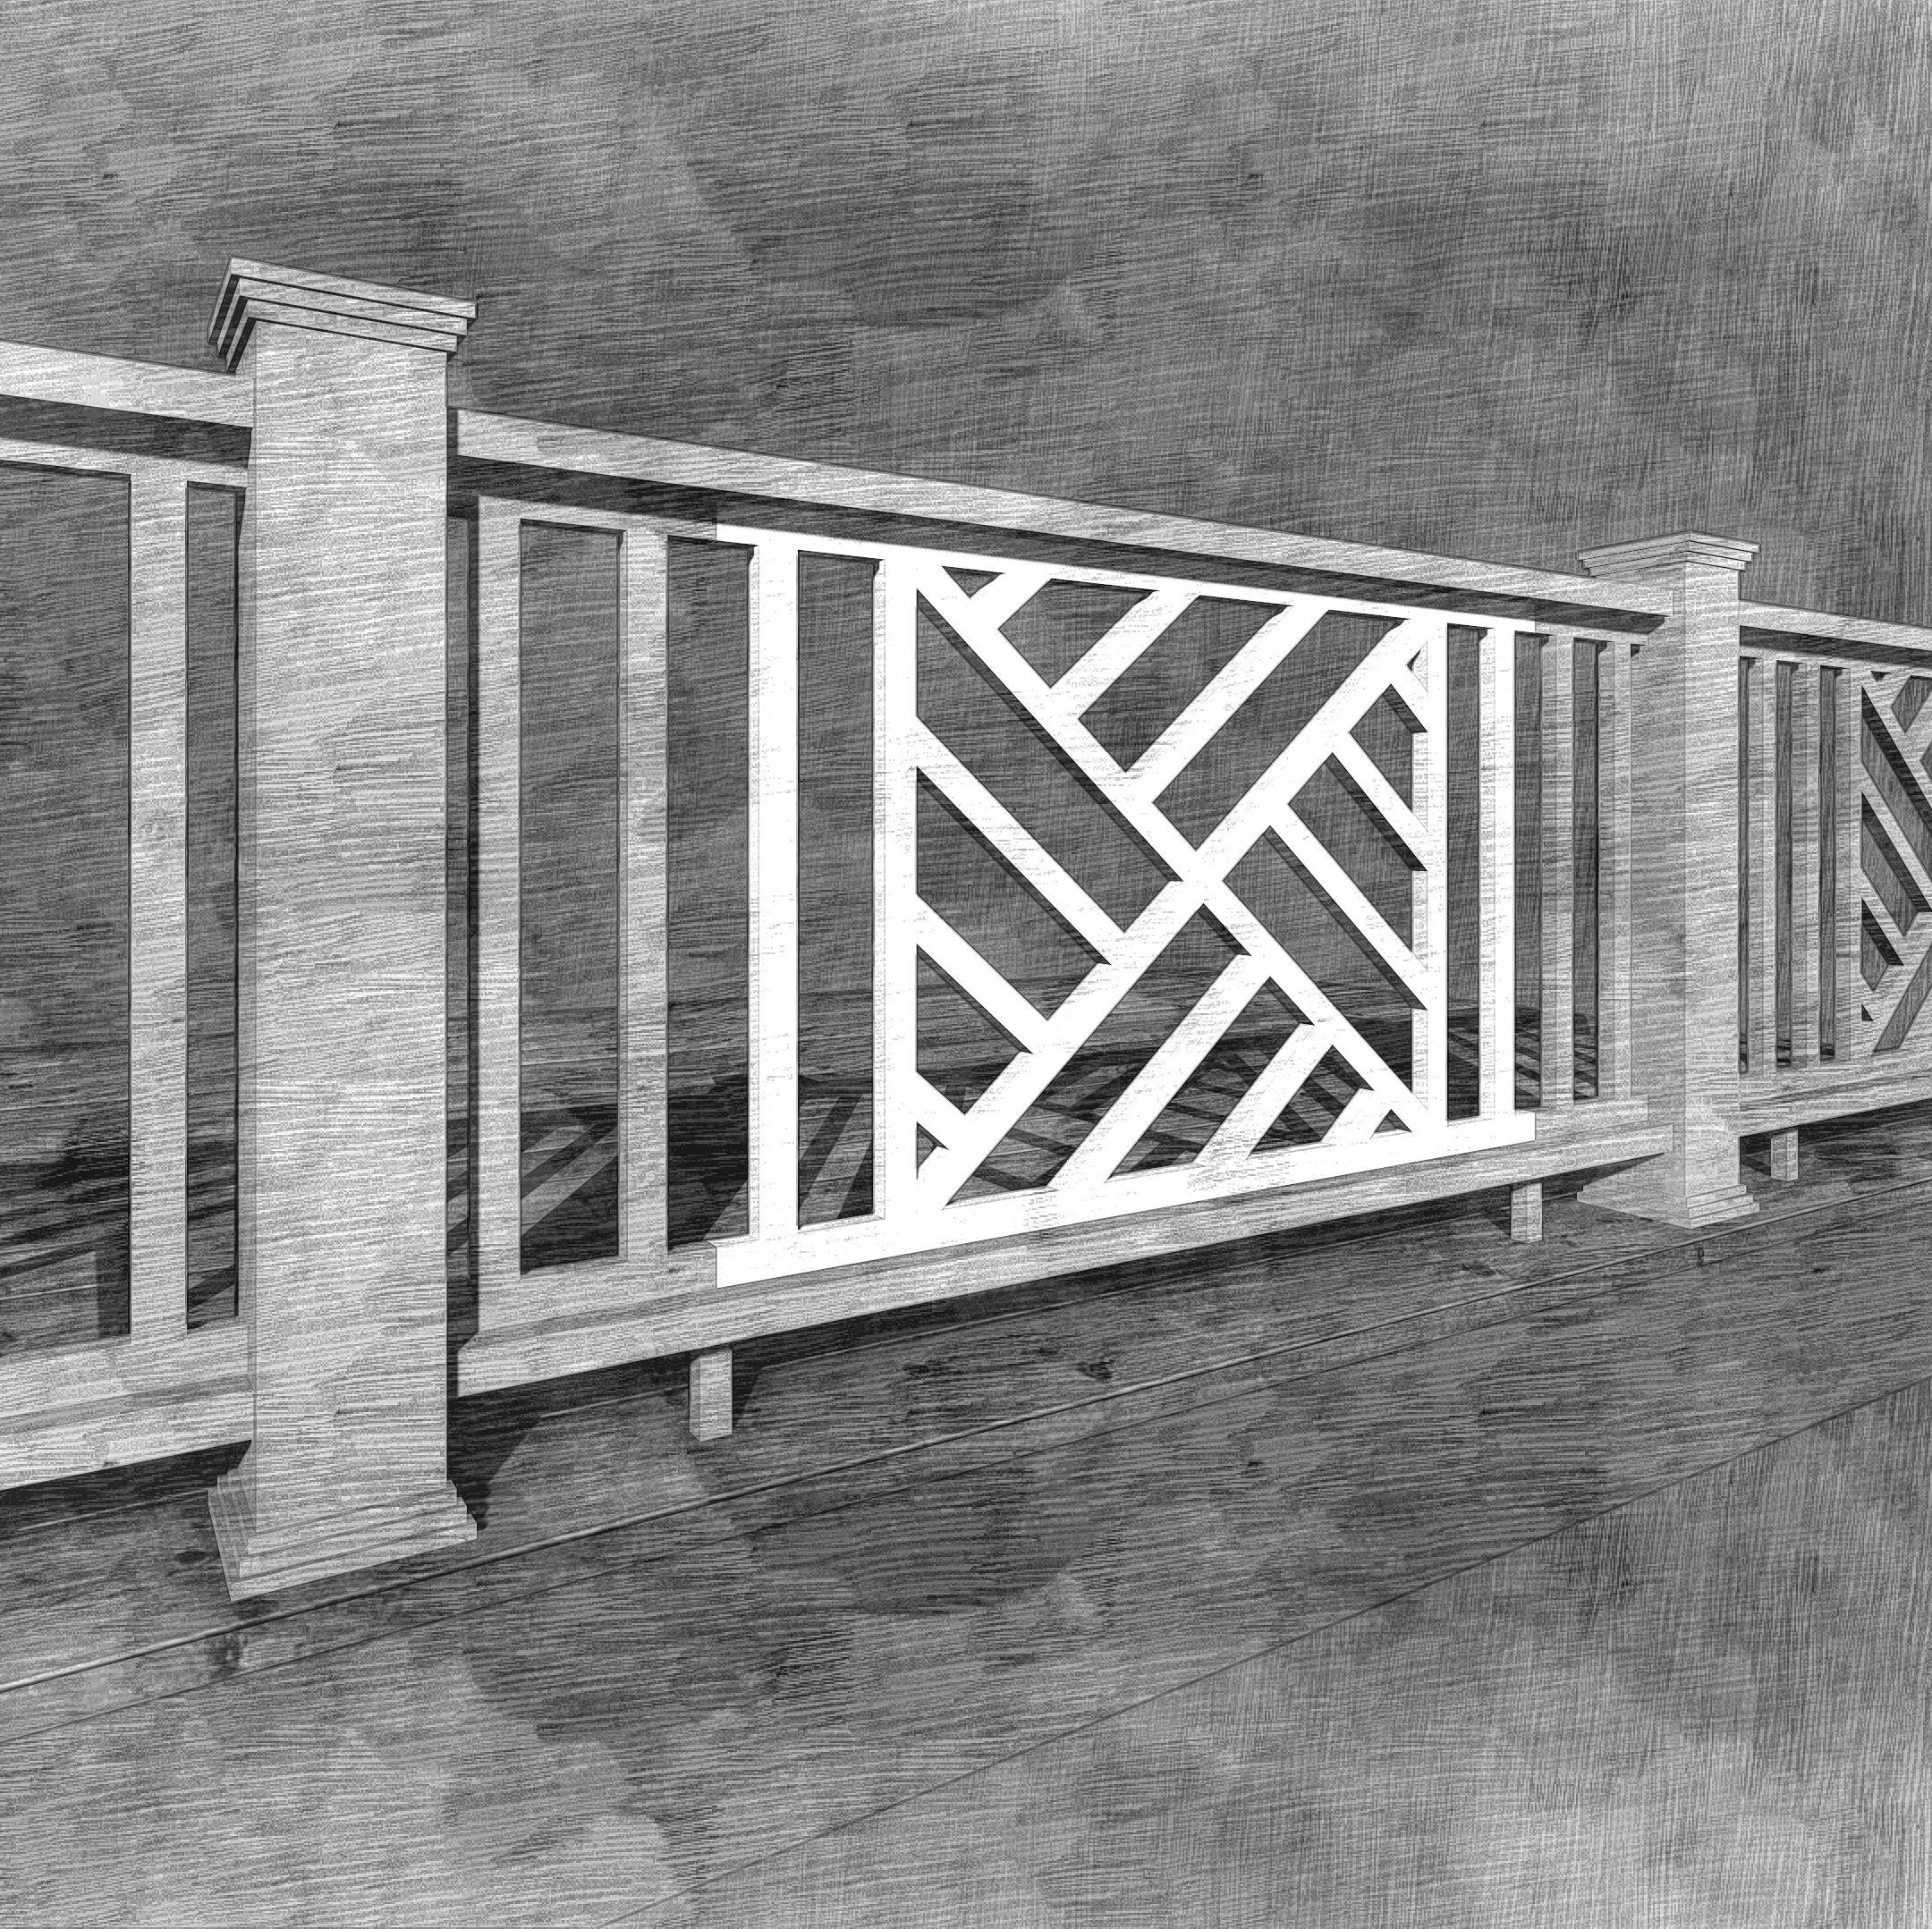 The Chippendale Panel | Decks, porches, Deck railings ...